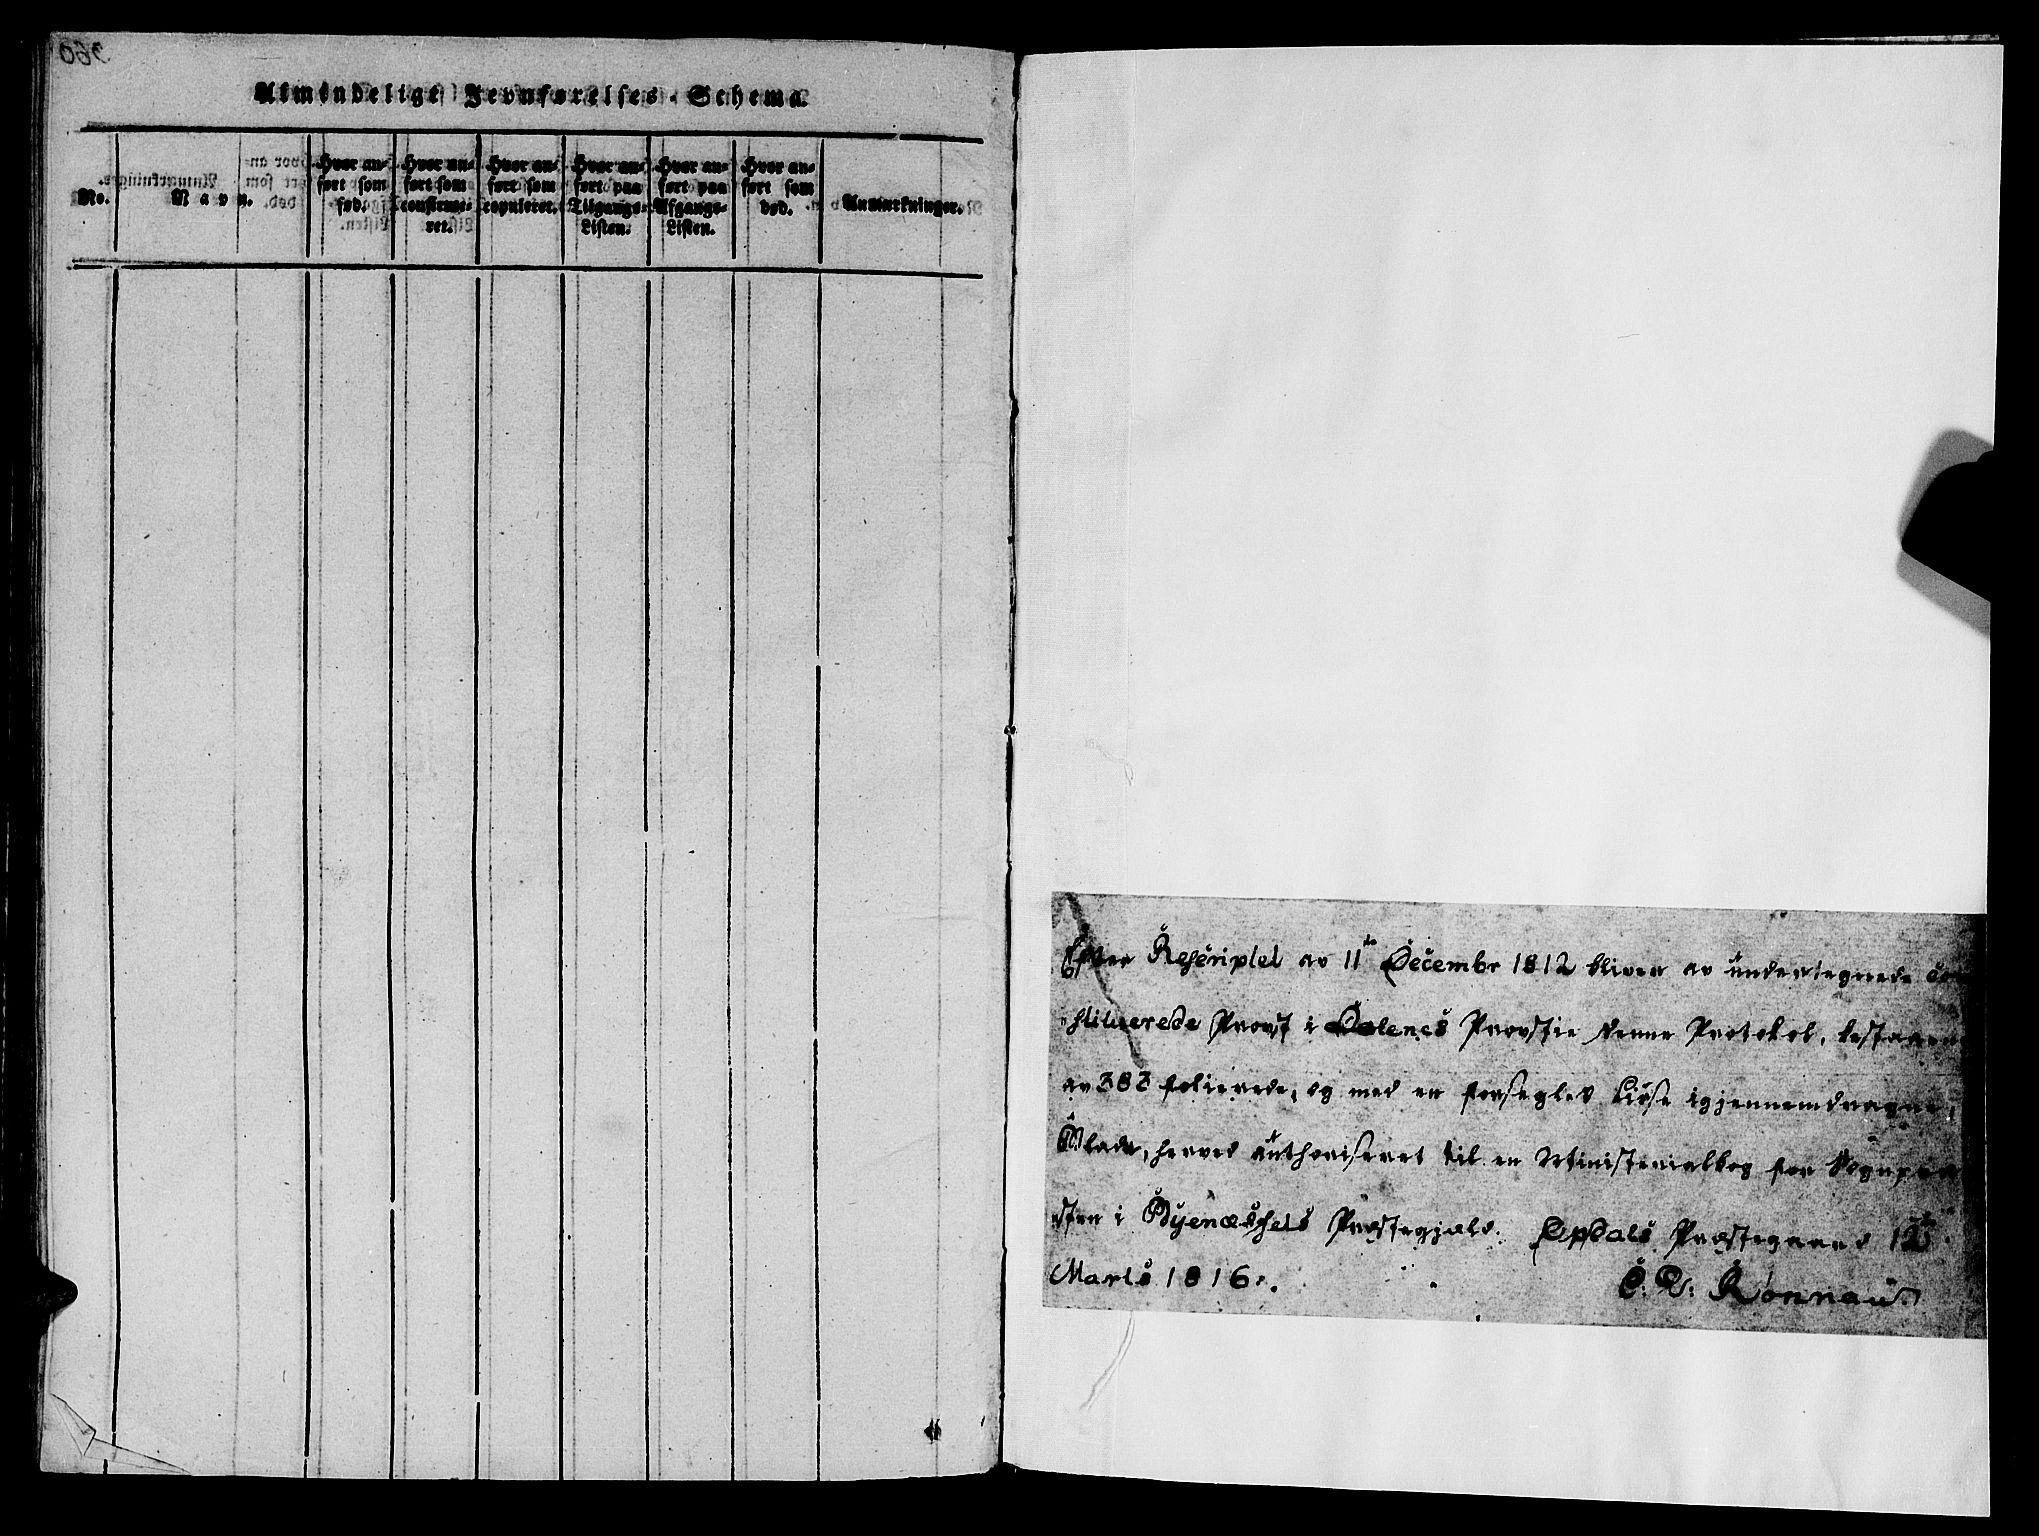 SAT, Ministerialprotokoller, klokkerbøker og fødselsregistre - Sør-Trøndelag, 612/L0372: Ministerialbok nr. 612A06 /1, 1816-1828